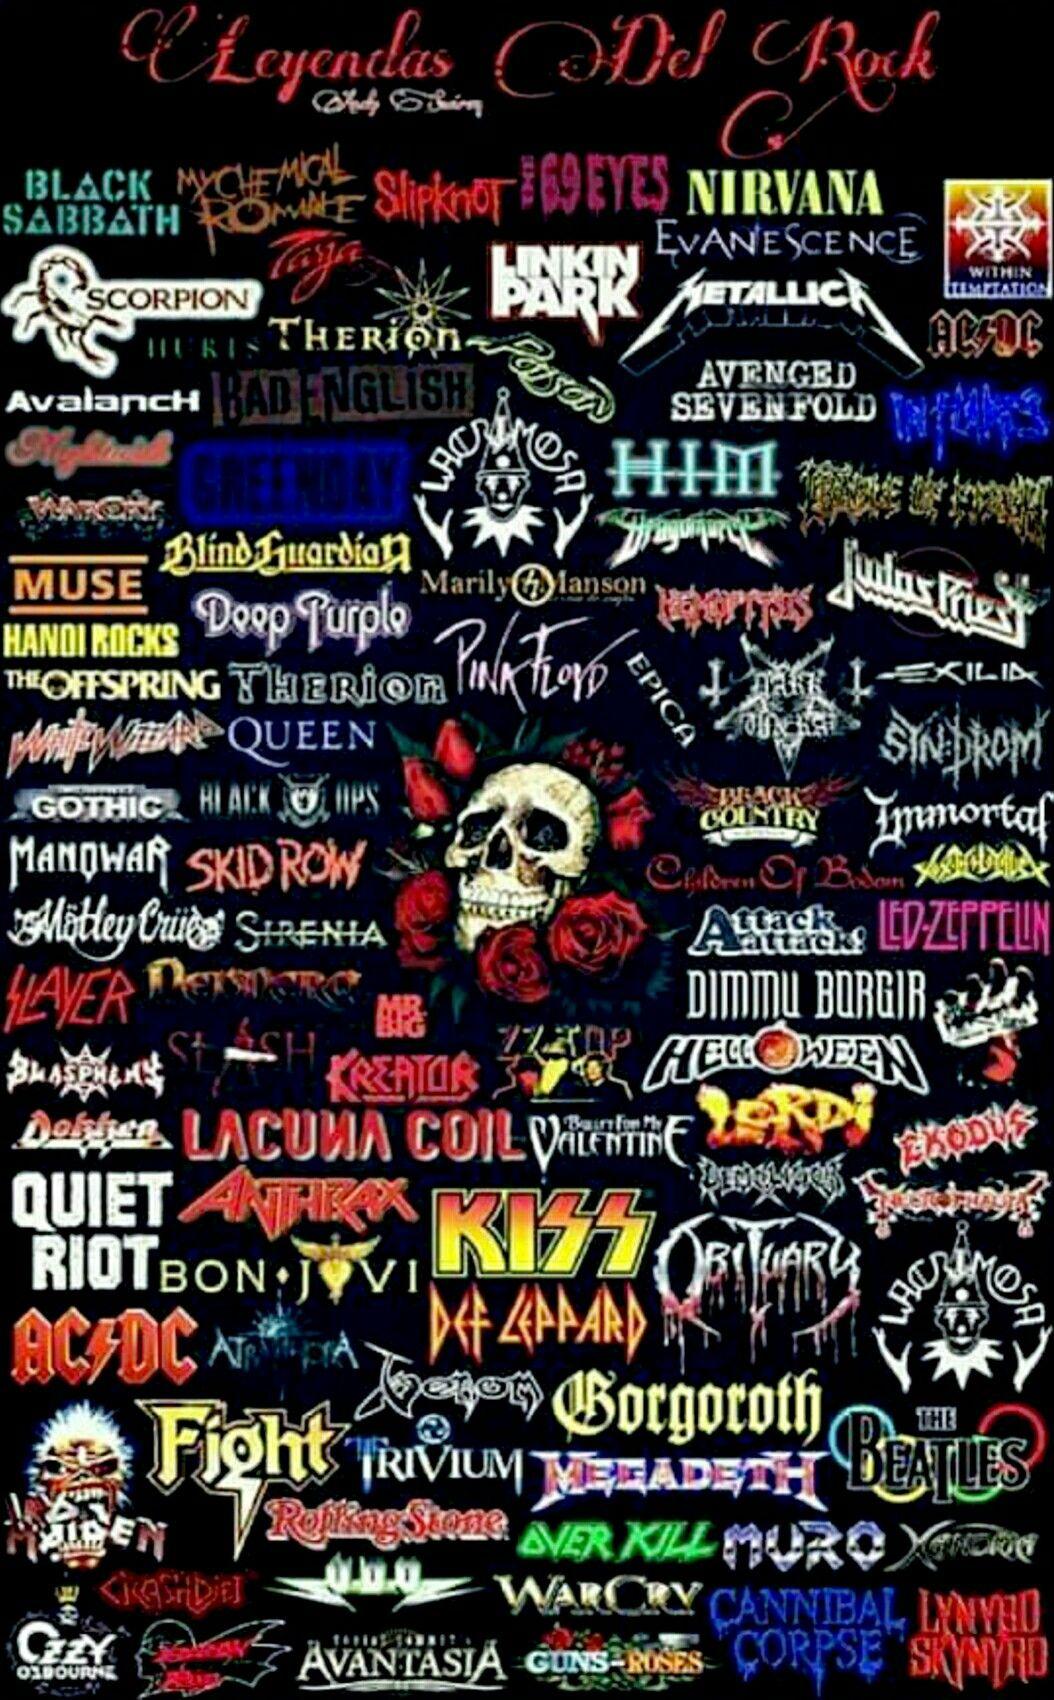 Pin Oleh Fayeth Millard Di Rockers Hard Rock Playlist Karya Seni 3d